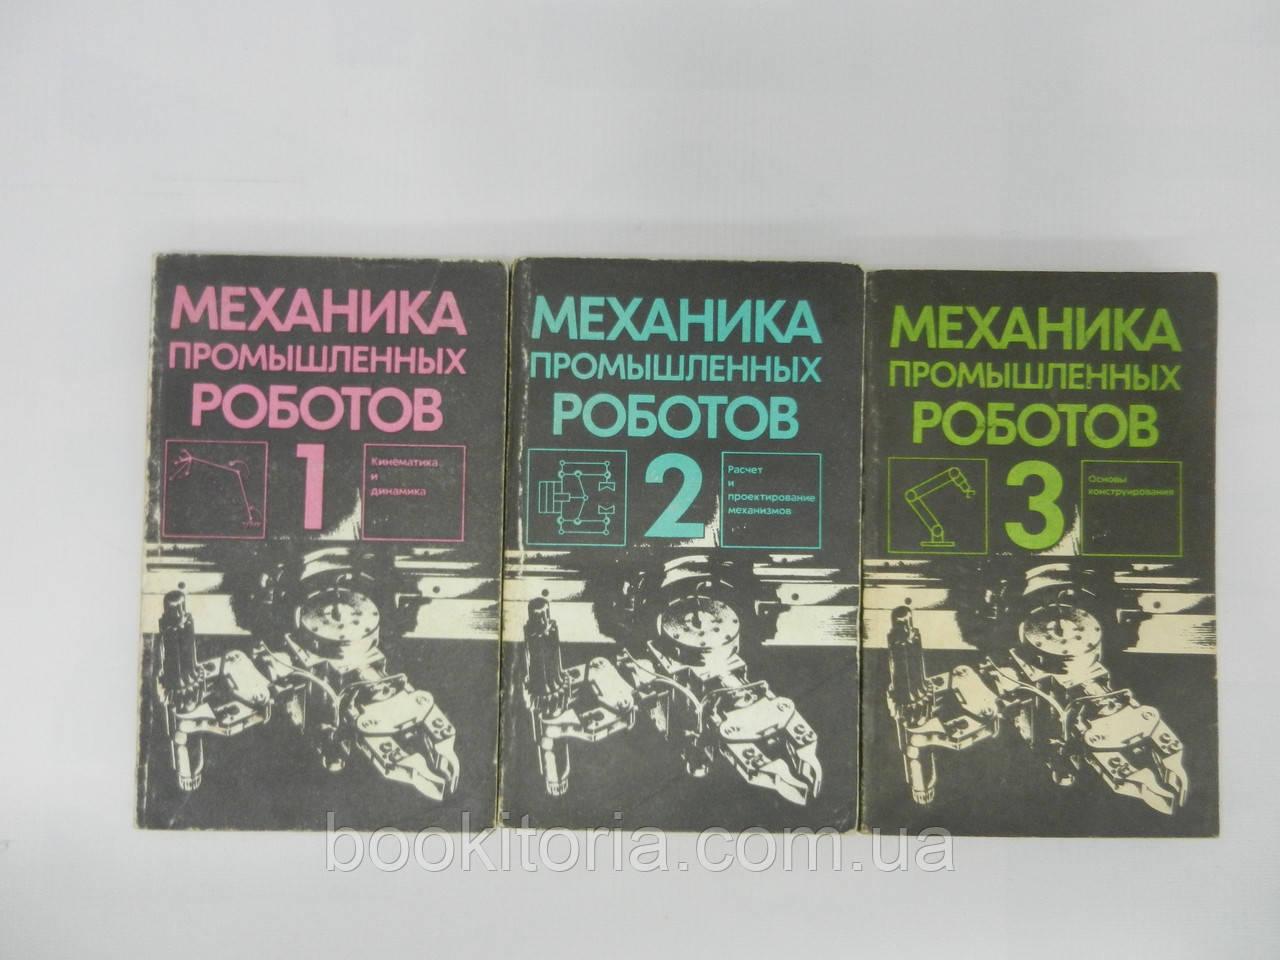 Воробьев Е. и др. Механика промышленных роботов. В 3 кн. (б/у).